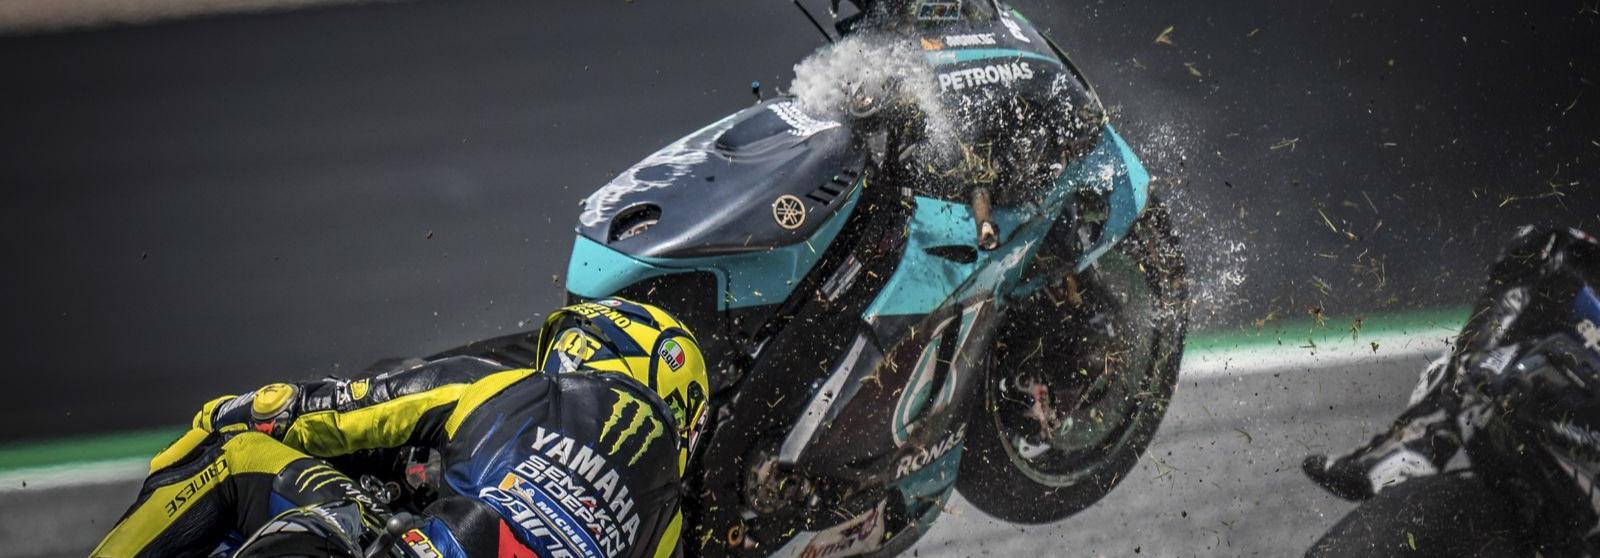 Người trong cuộc nói gì sau tai nạn MotoGP kinh hoàng tại RedBull Ring?